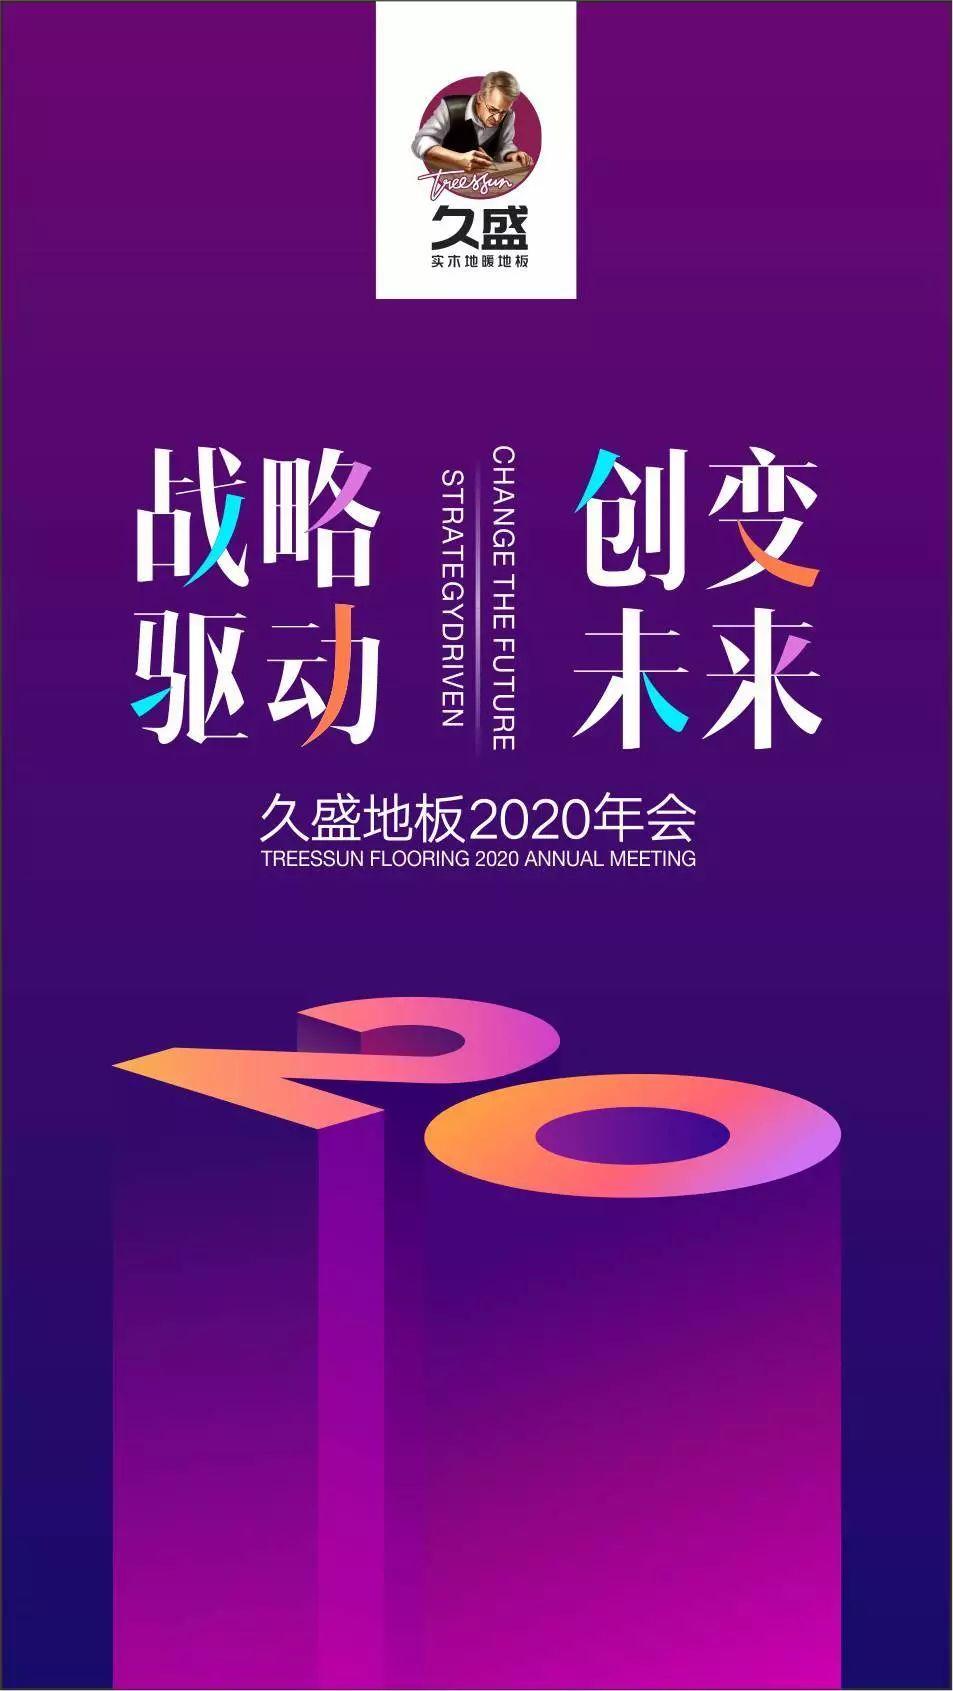 战略驱动•创变未来:久盛地板2020年度会议顺利召开